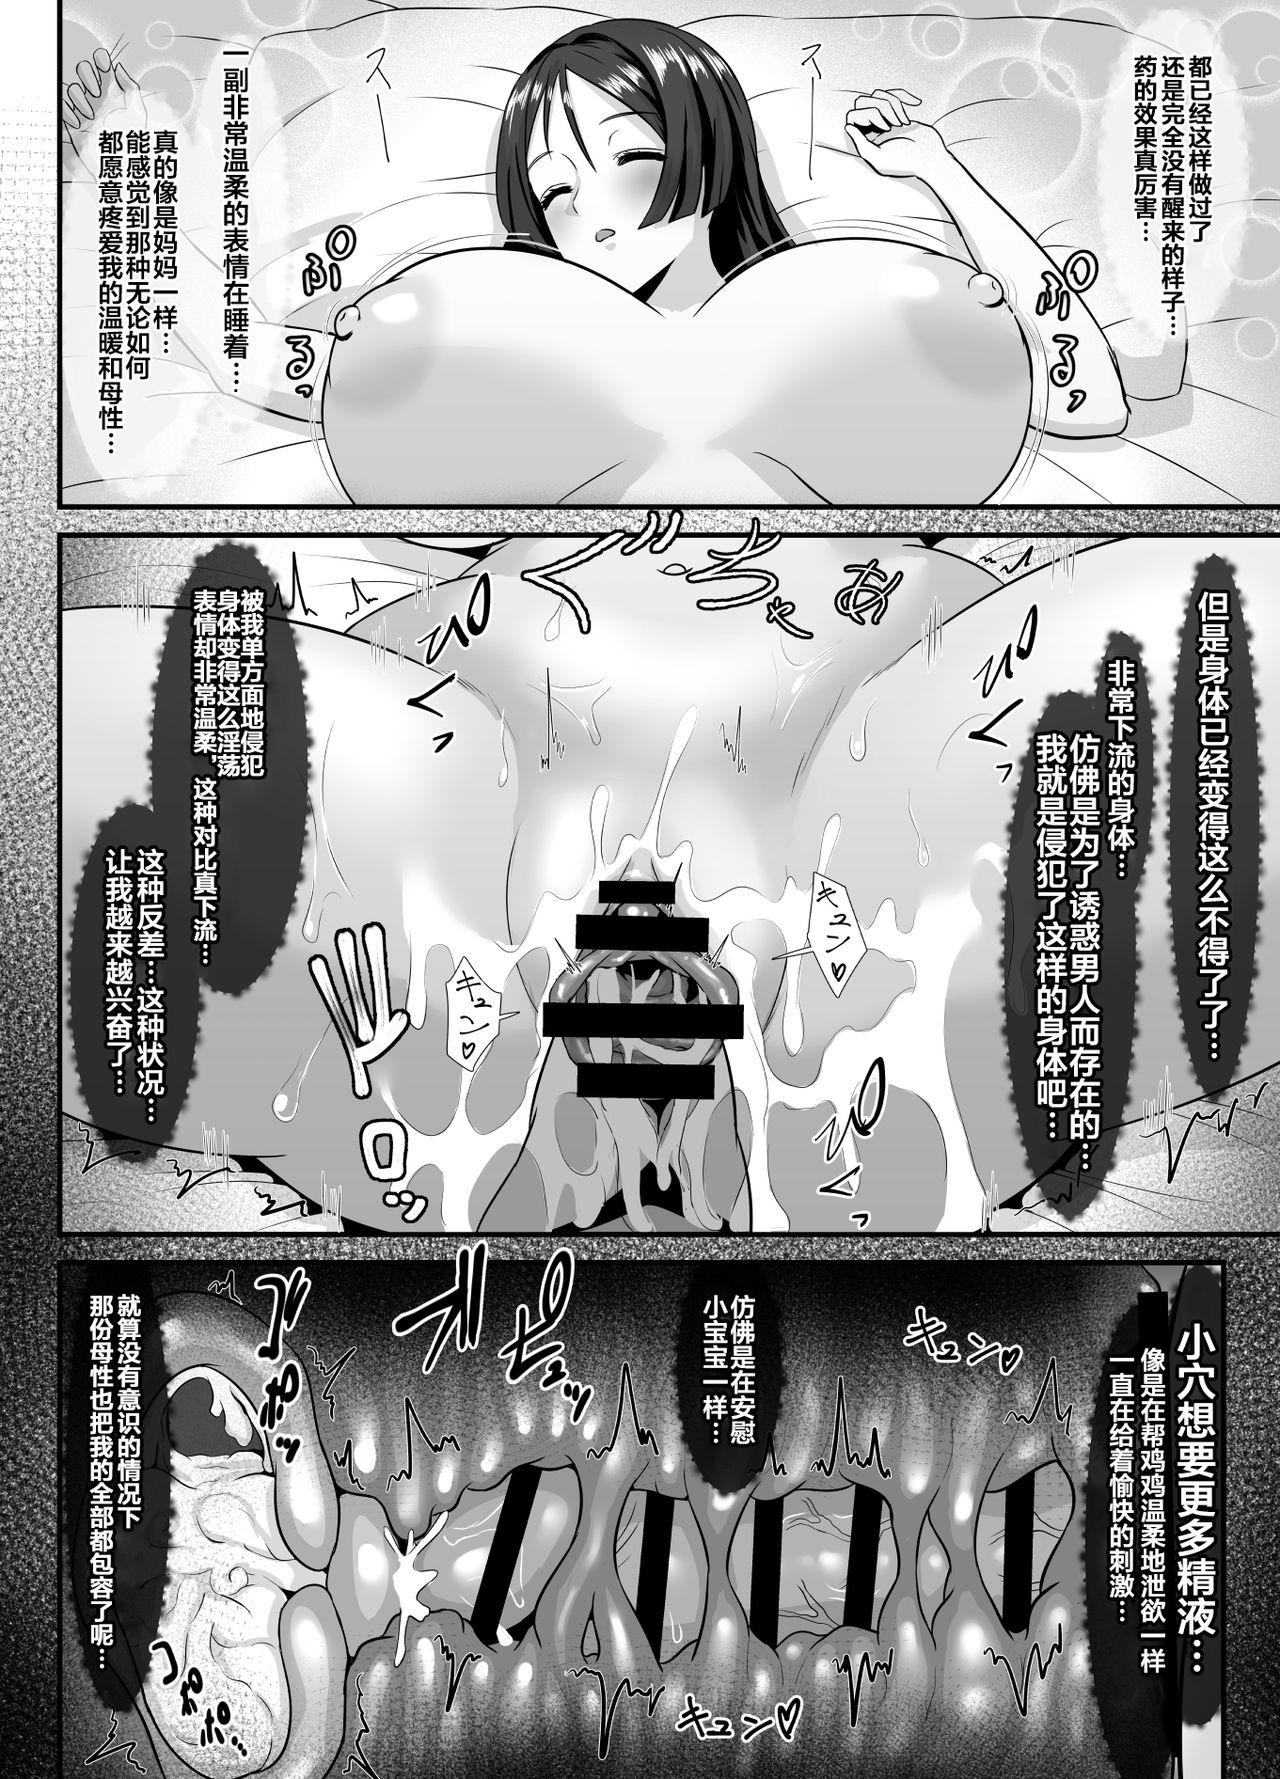 [Sadalsuud (Hoshiaka)] Seijun datta Hazu no Mashu wa Futanari no Yuuwaku ni Ochiru Dai-4-wa (Fate/Grand Order) [Chinese] [不咕鸟汉化组] 26